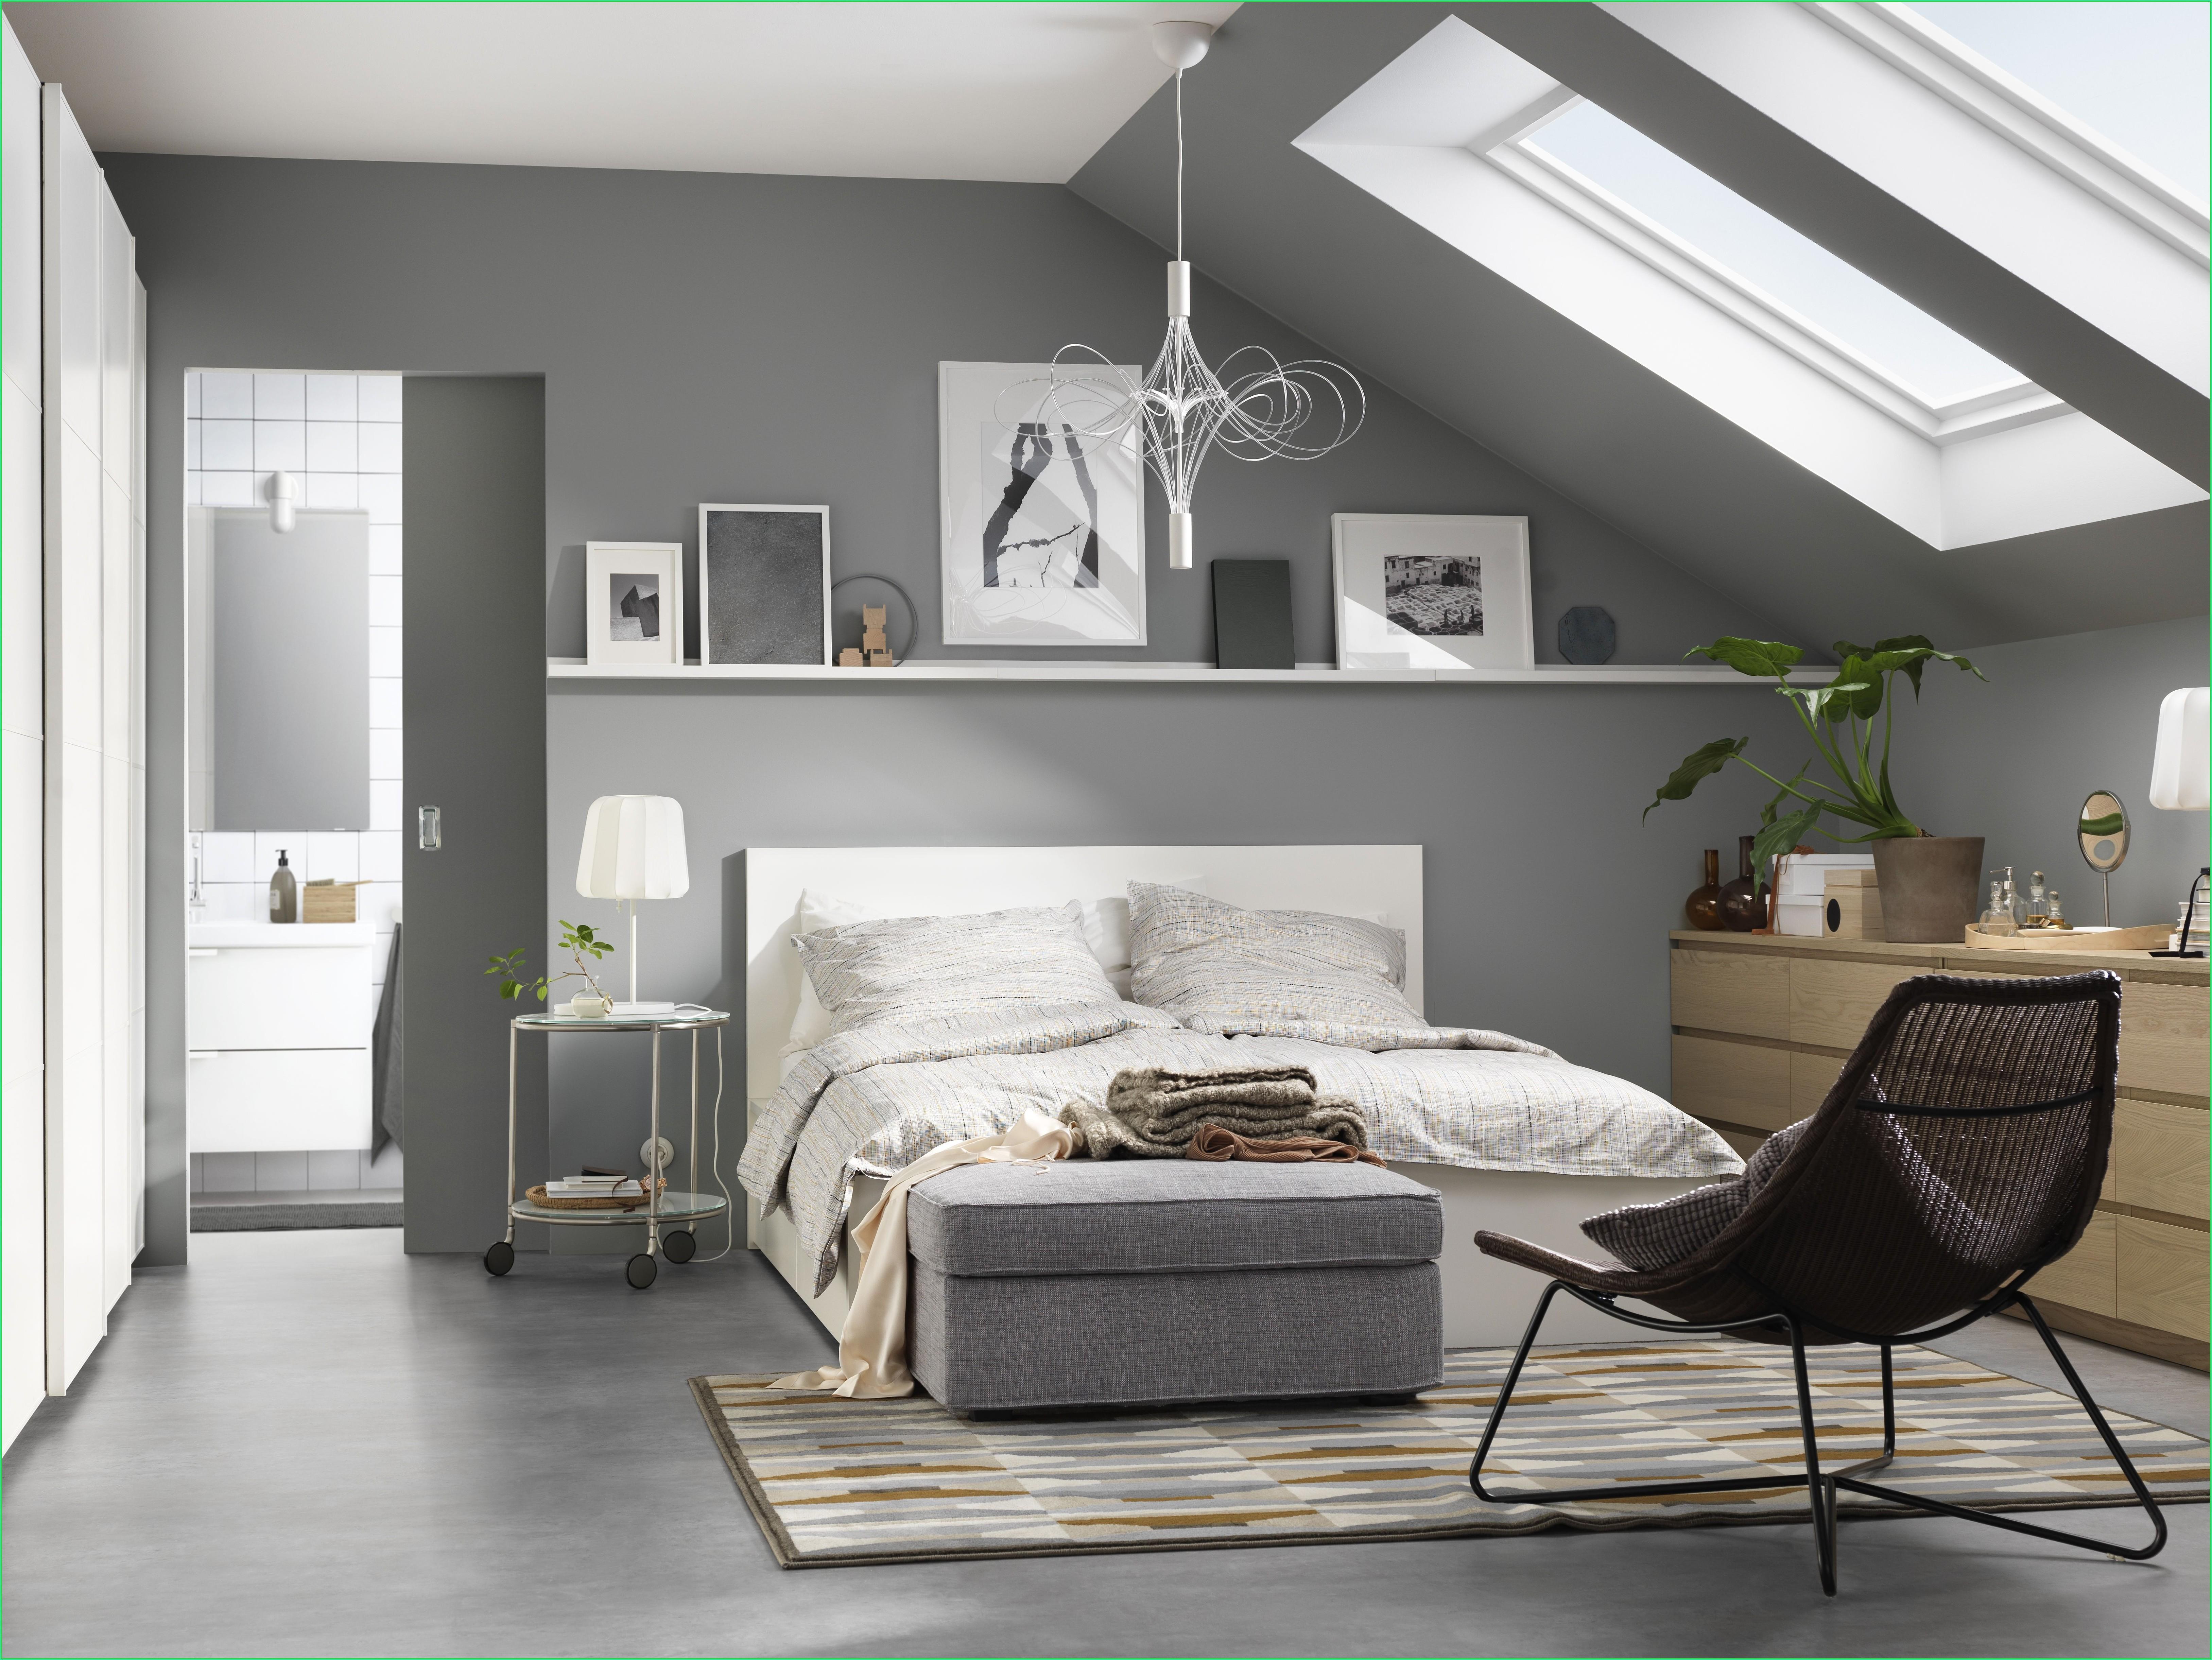 Ikea Wohnideen Schlafzimmer